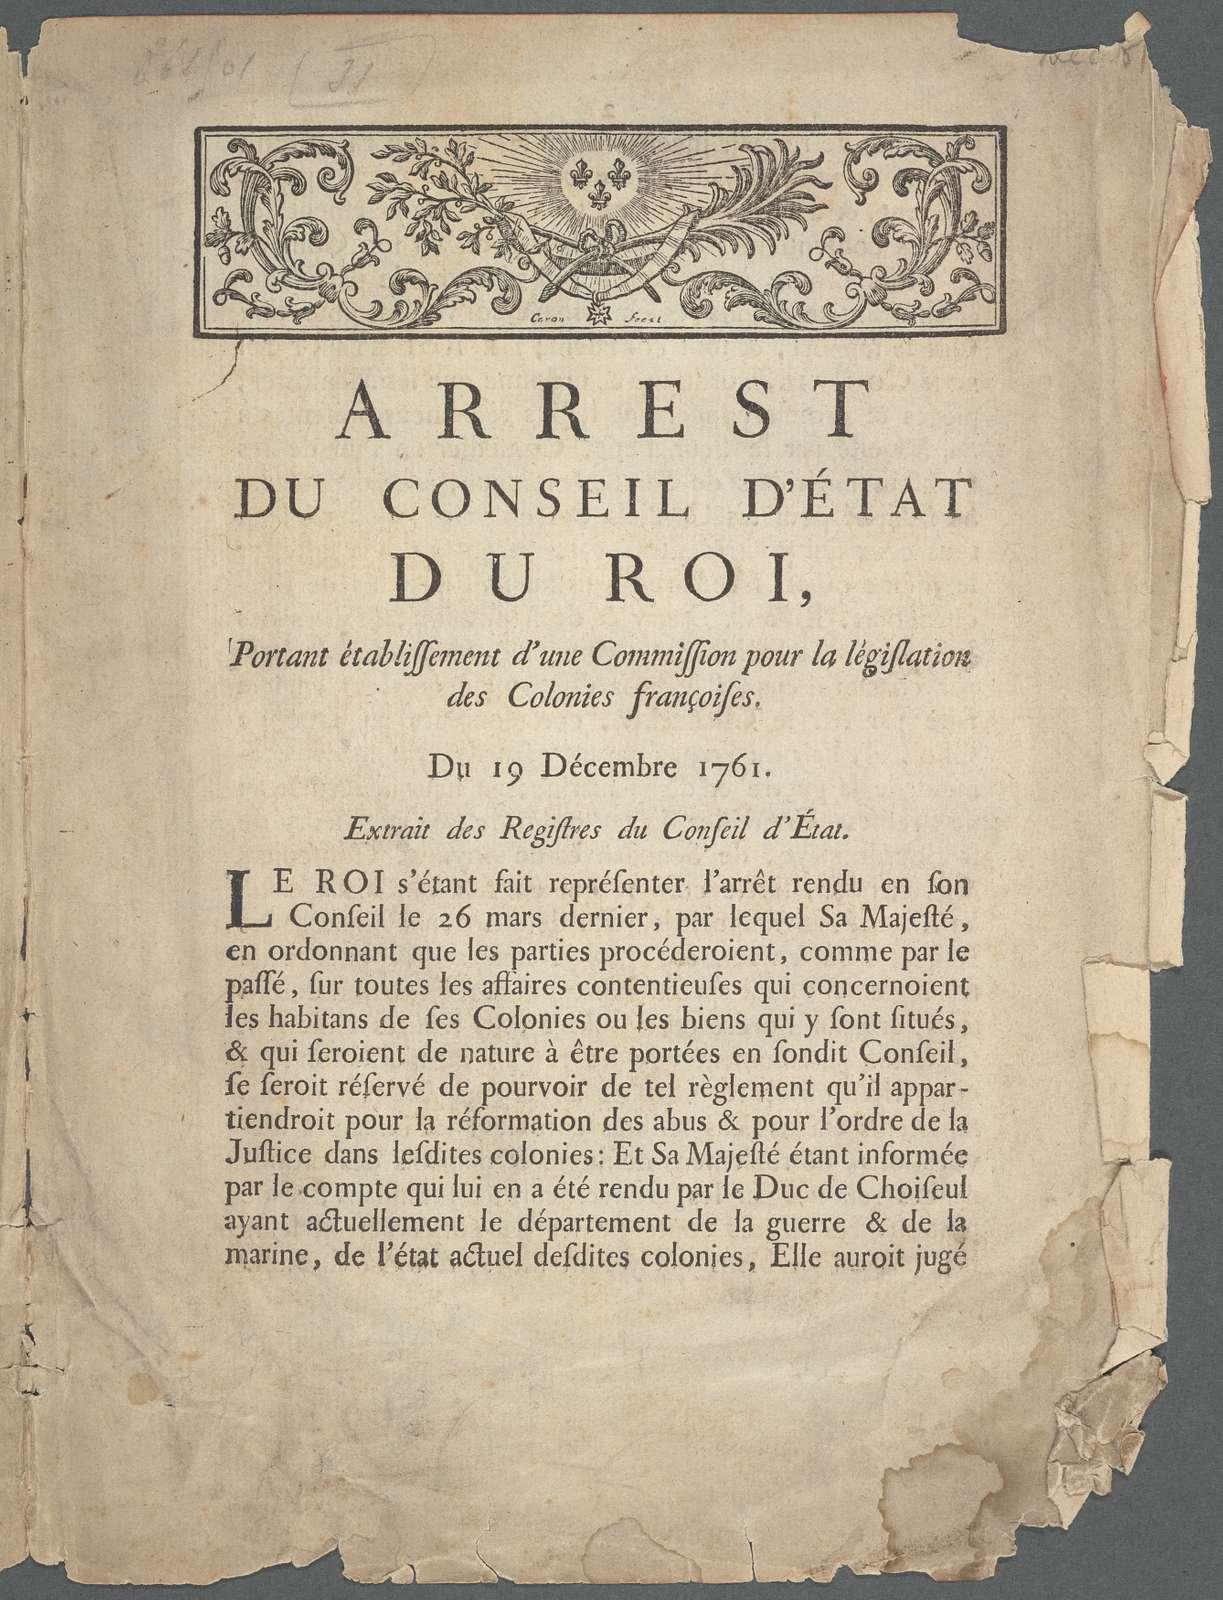 Arrest du Conseil D'État Du roi: portant établissement d'une comission pour la législation des Colonies françoises